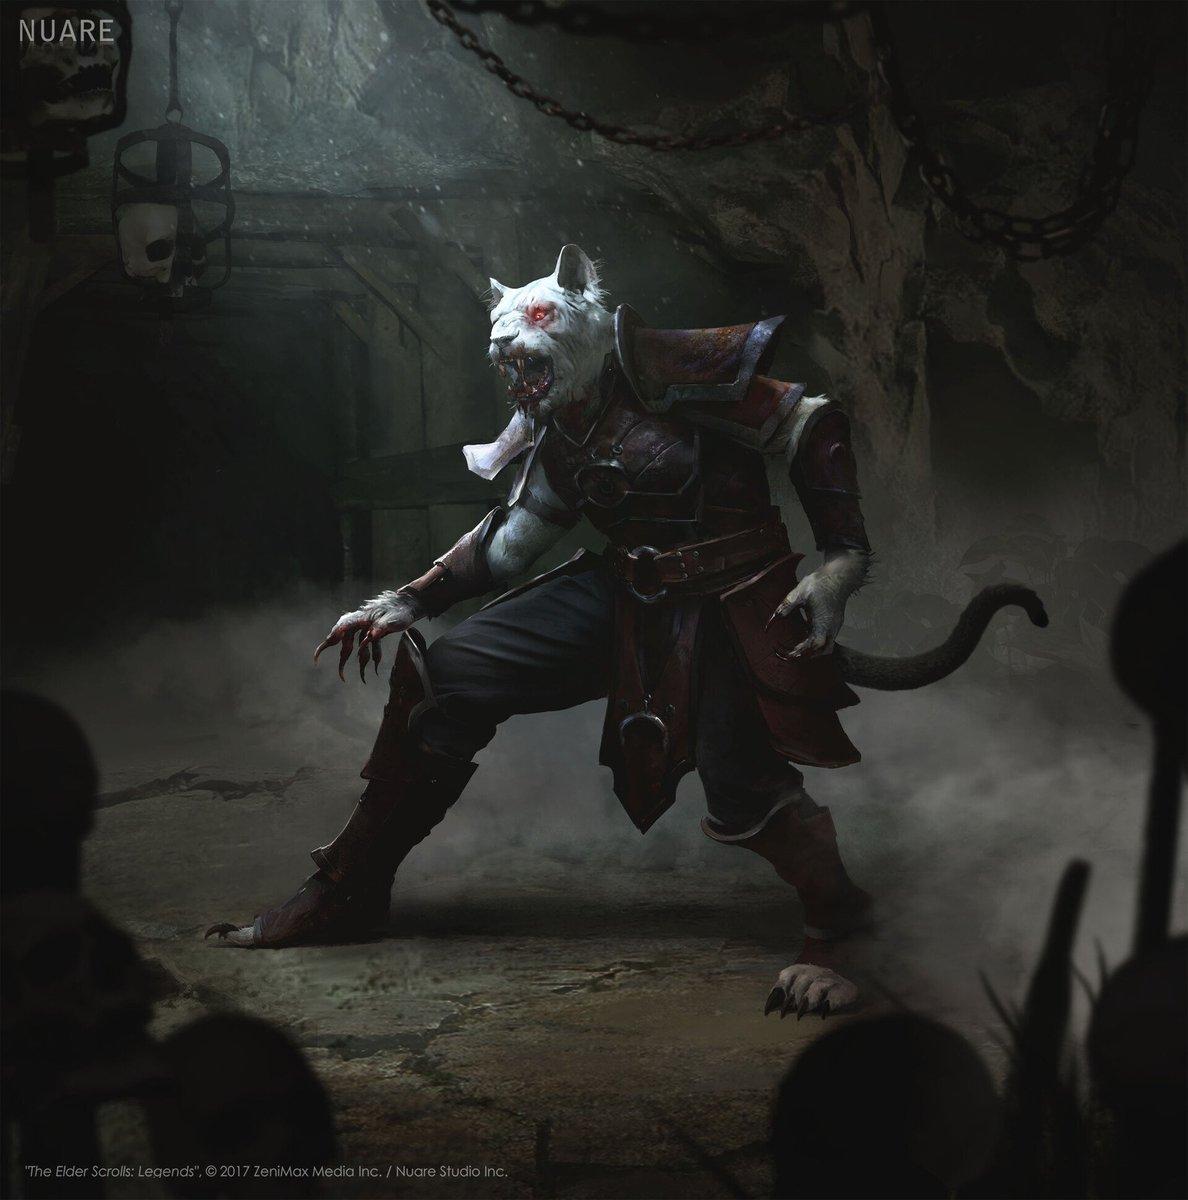 """Tenarr Zalviit Nightstalker """"The Elder Scrolls: Legends"""